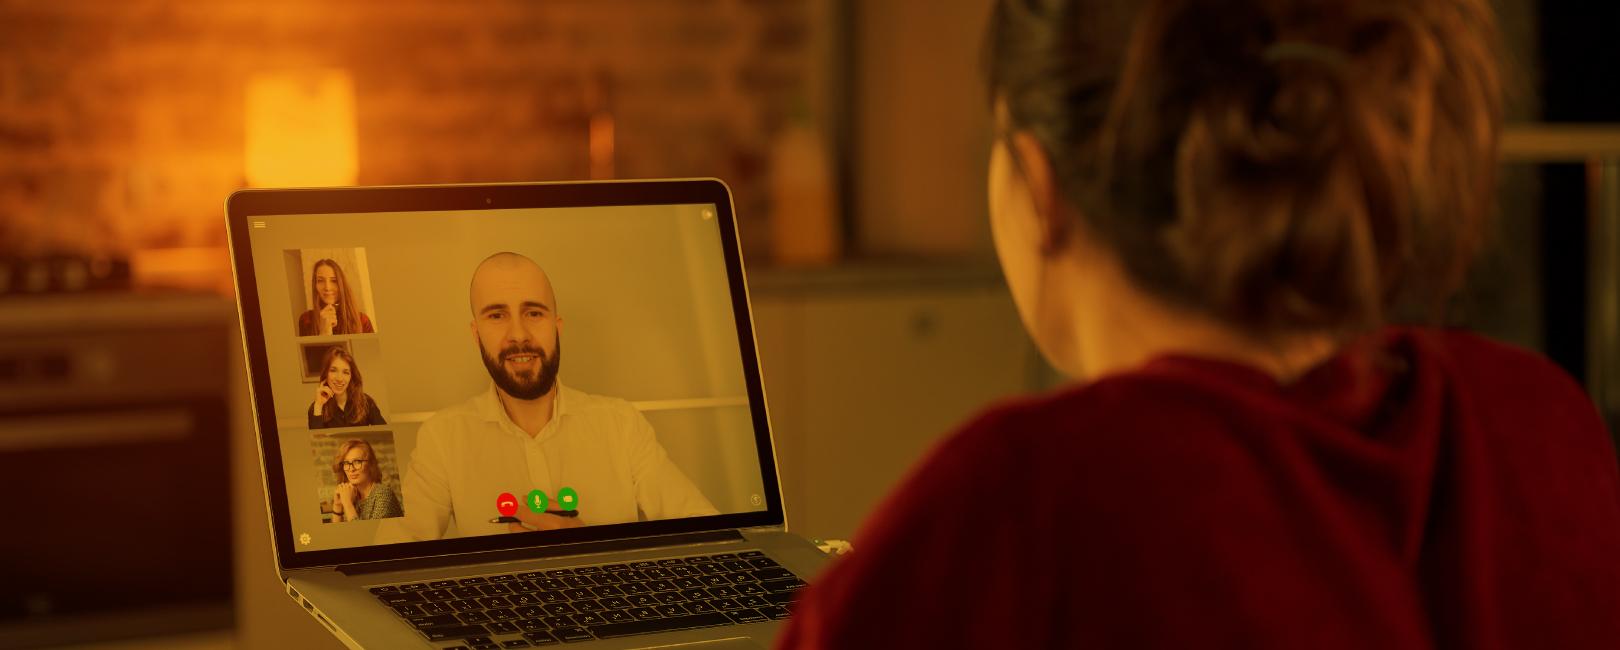 Cómo hacer productivas las videoconferencias